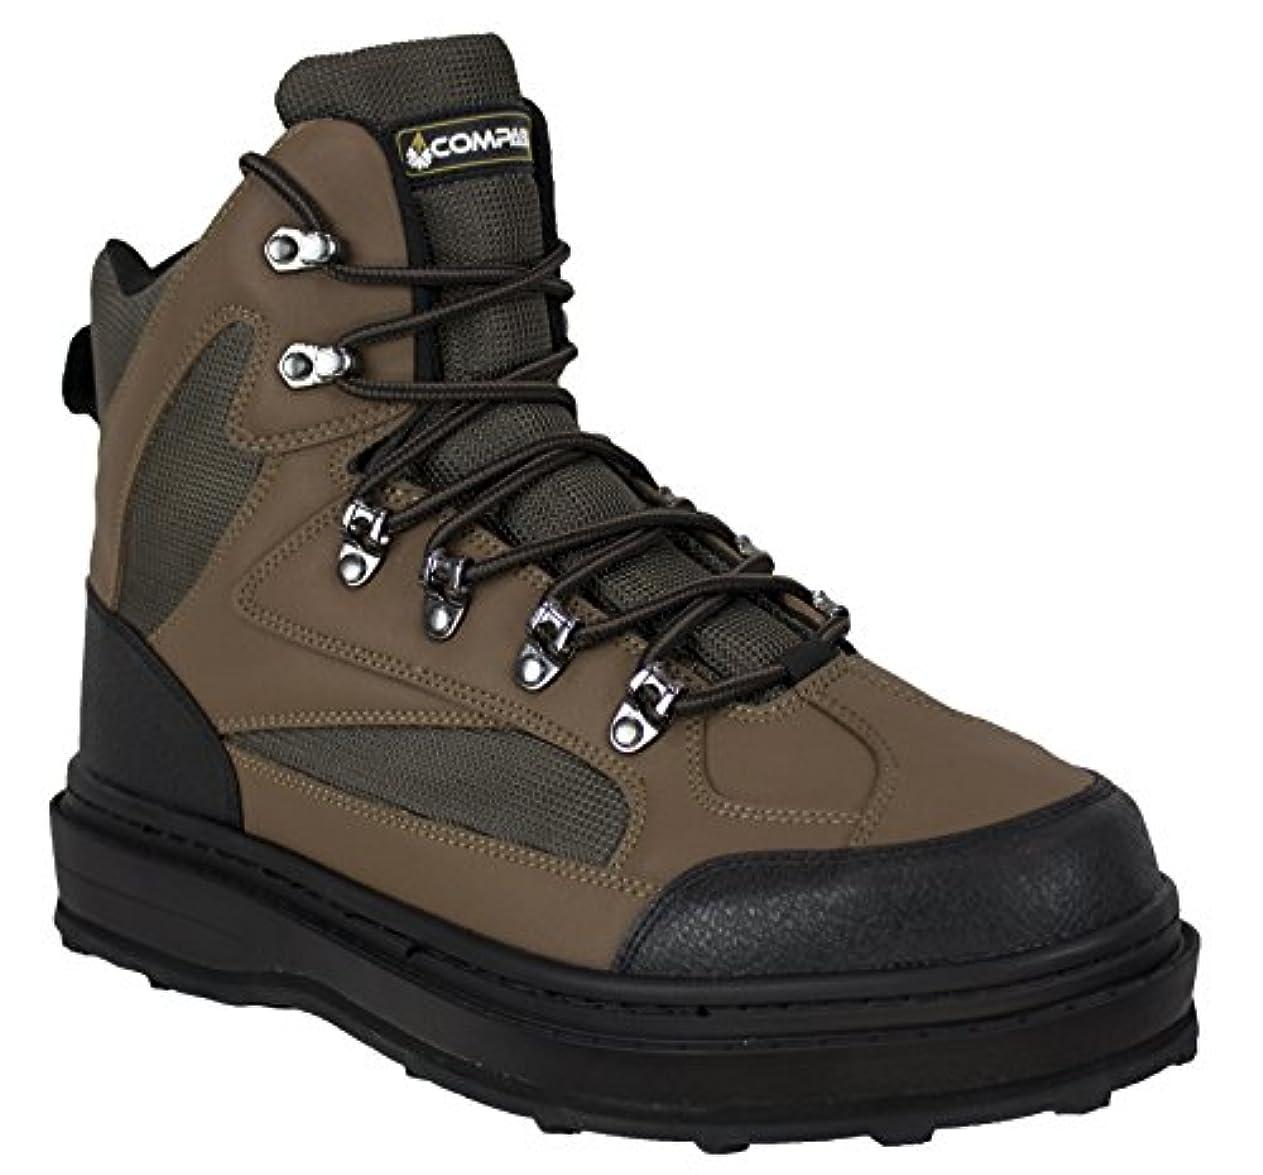 クレアライラック確立コンパス360 Ledges Cleated Sole Wading Shoes